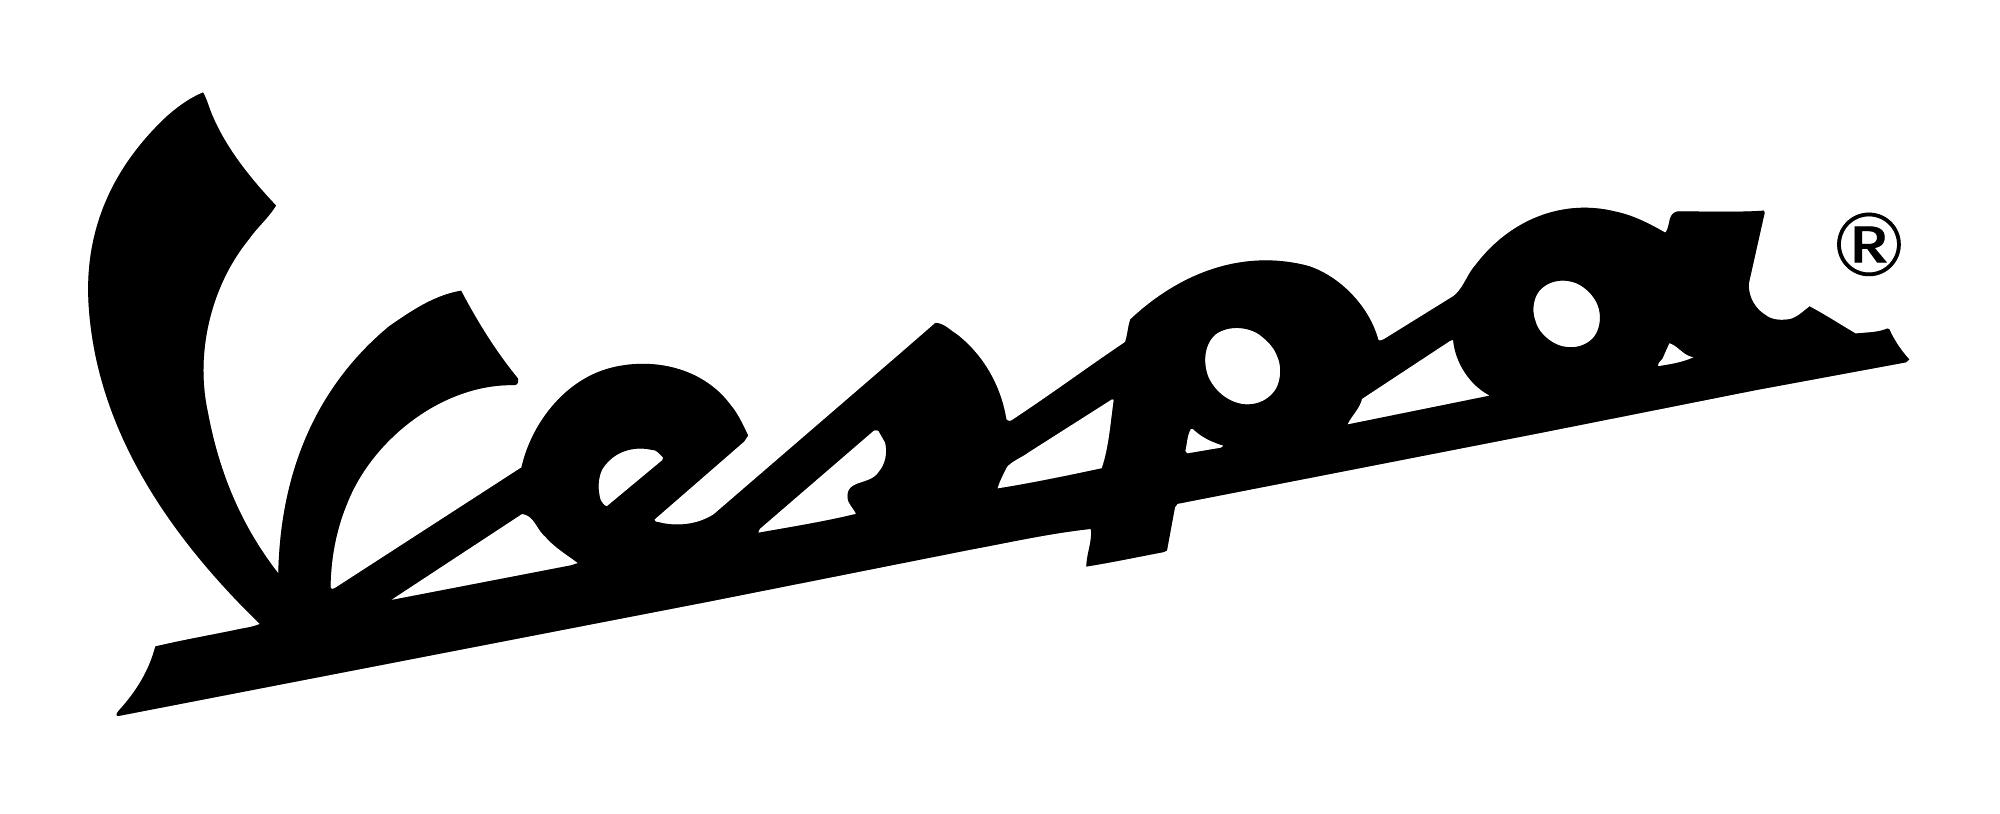 Risultati immagini per vespa logo